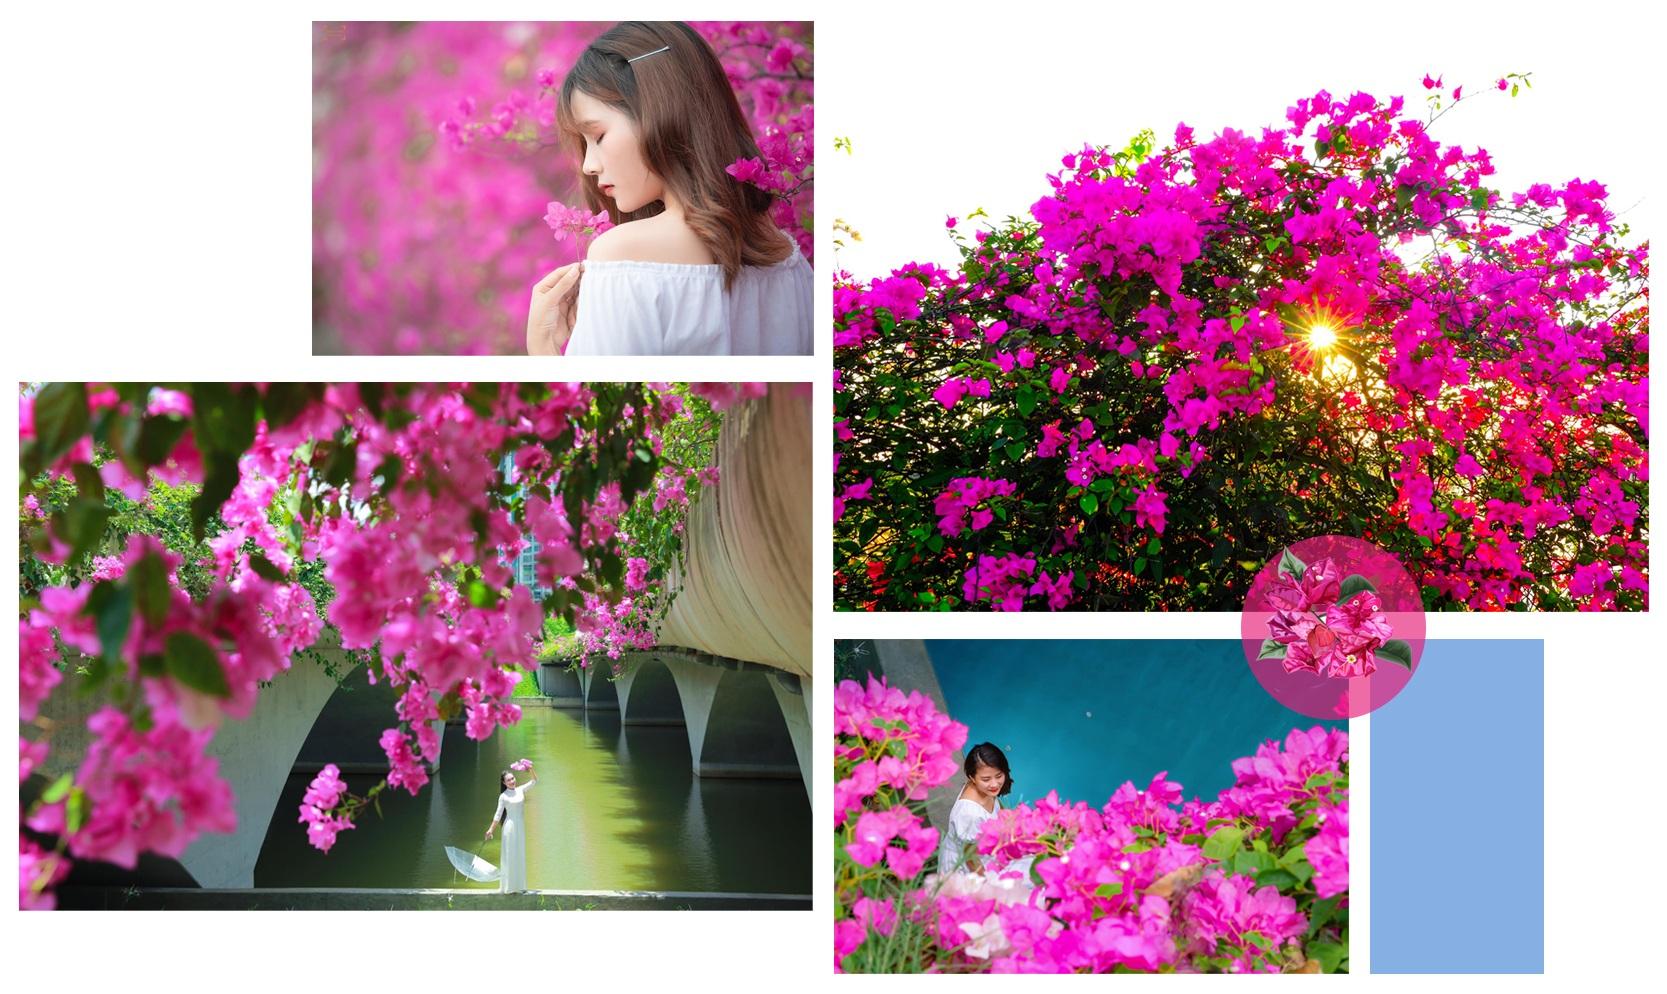 Ngắm thành phố xanh Ecopark đẹp mê mẩn trong mùa hoa giấy - 7